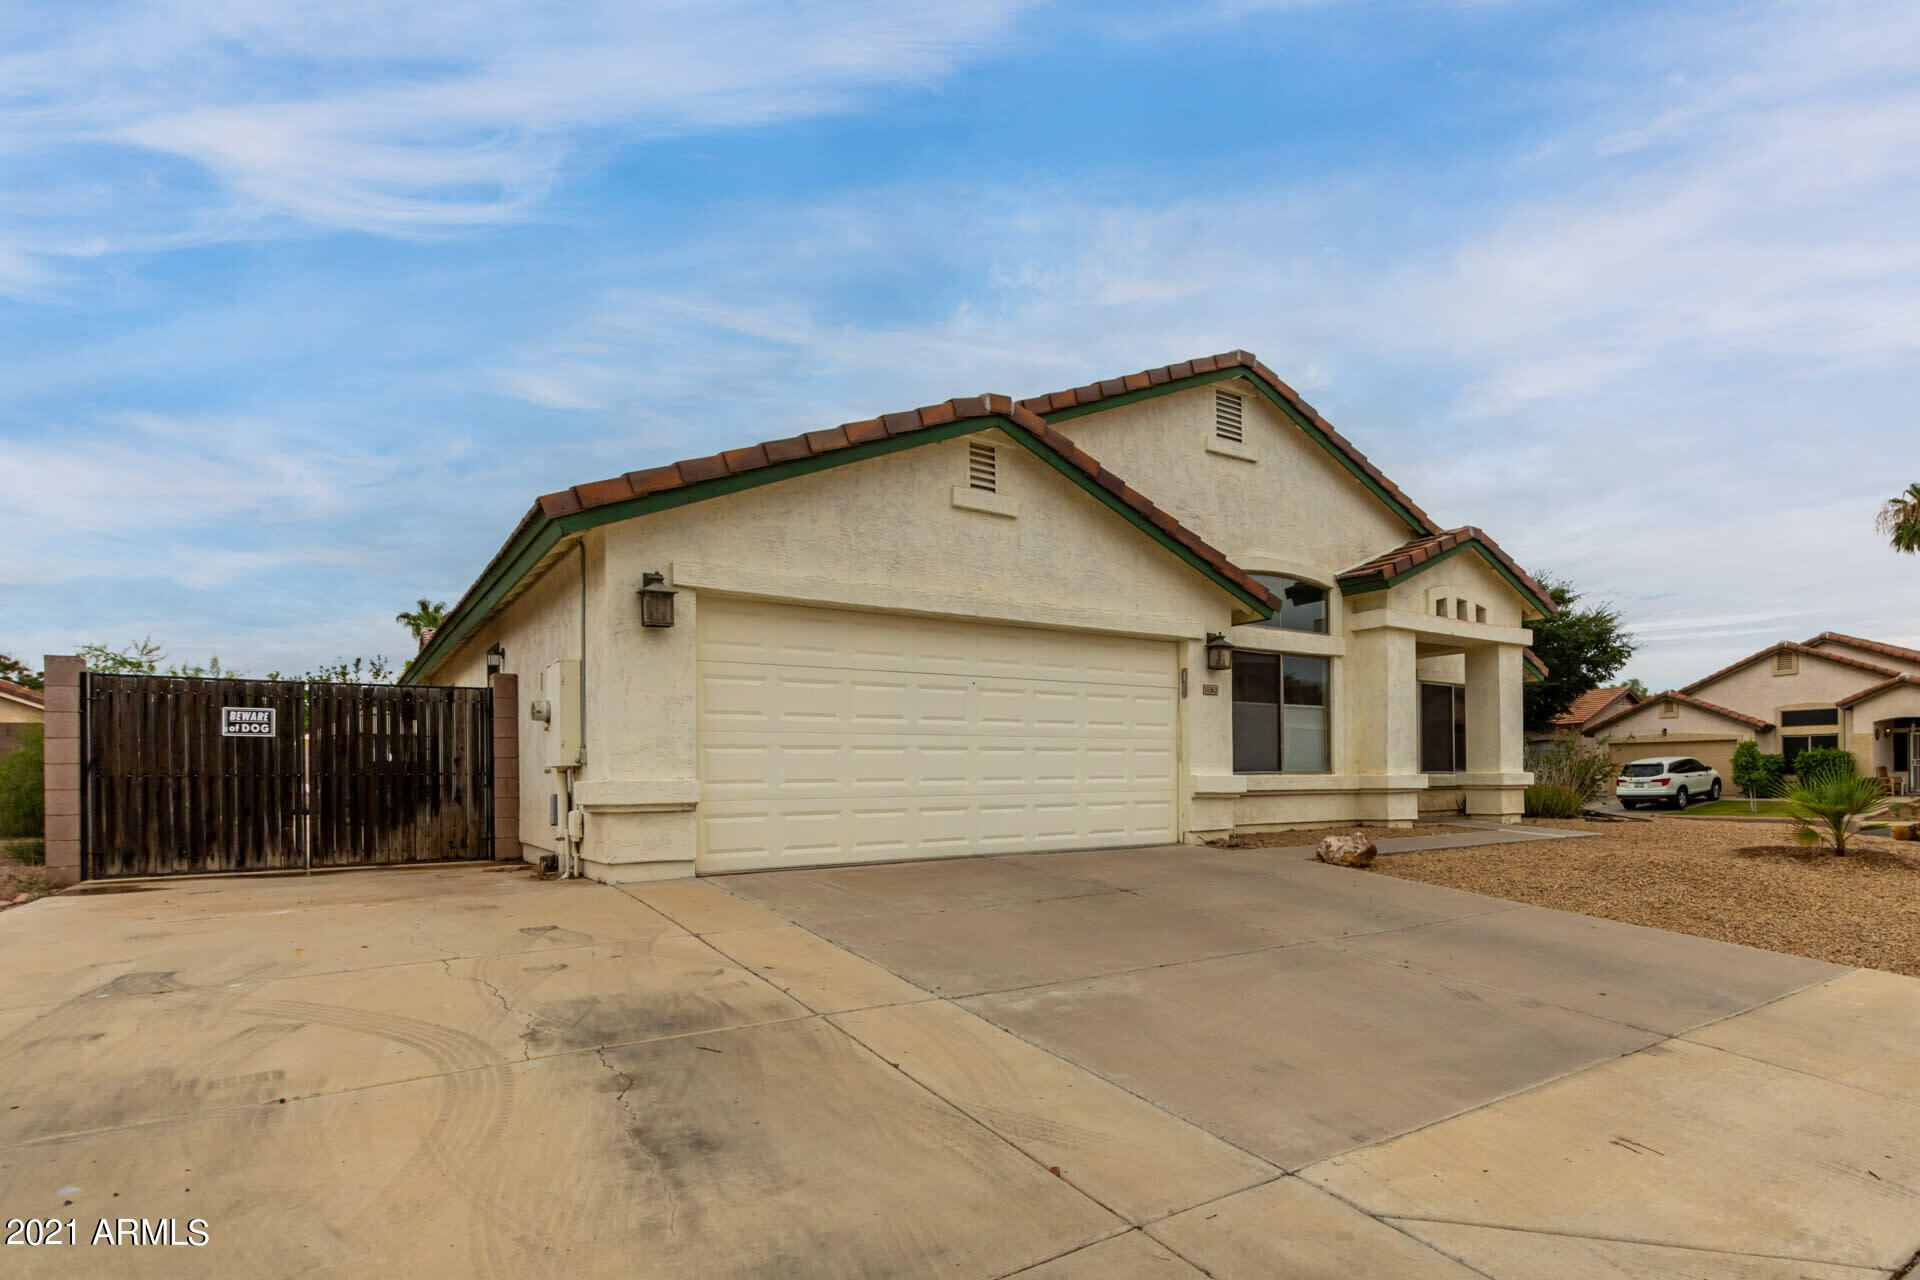 Photo of 10363 W WILLOW Lane, Avondale, AZ 85392 (MLS # 6267392)